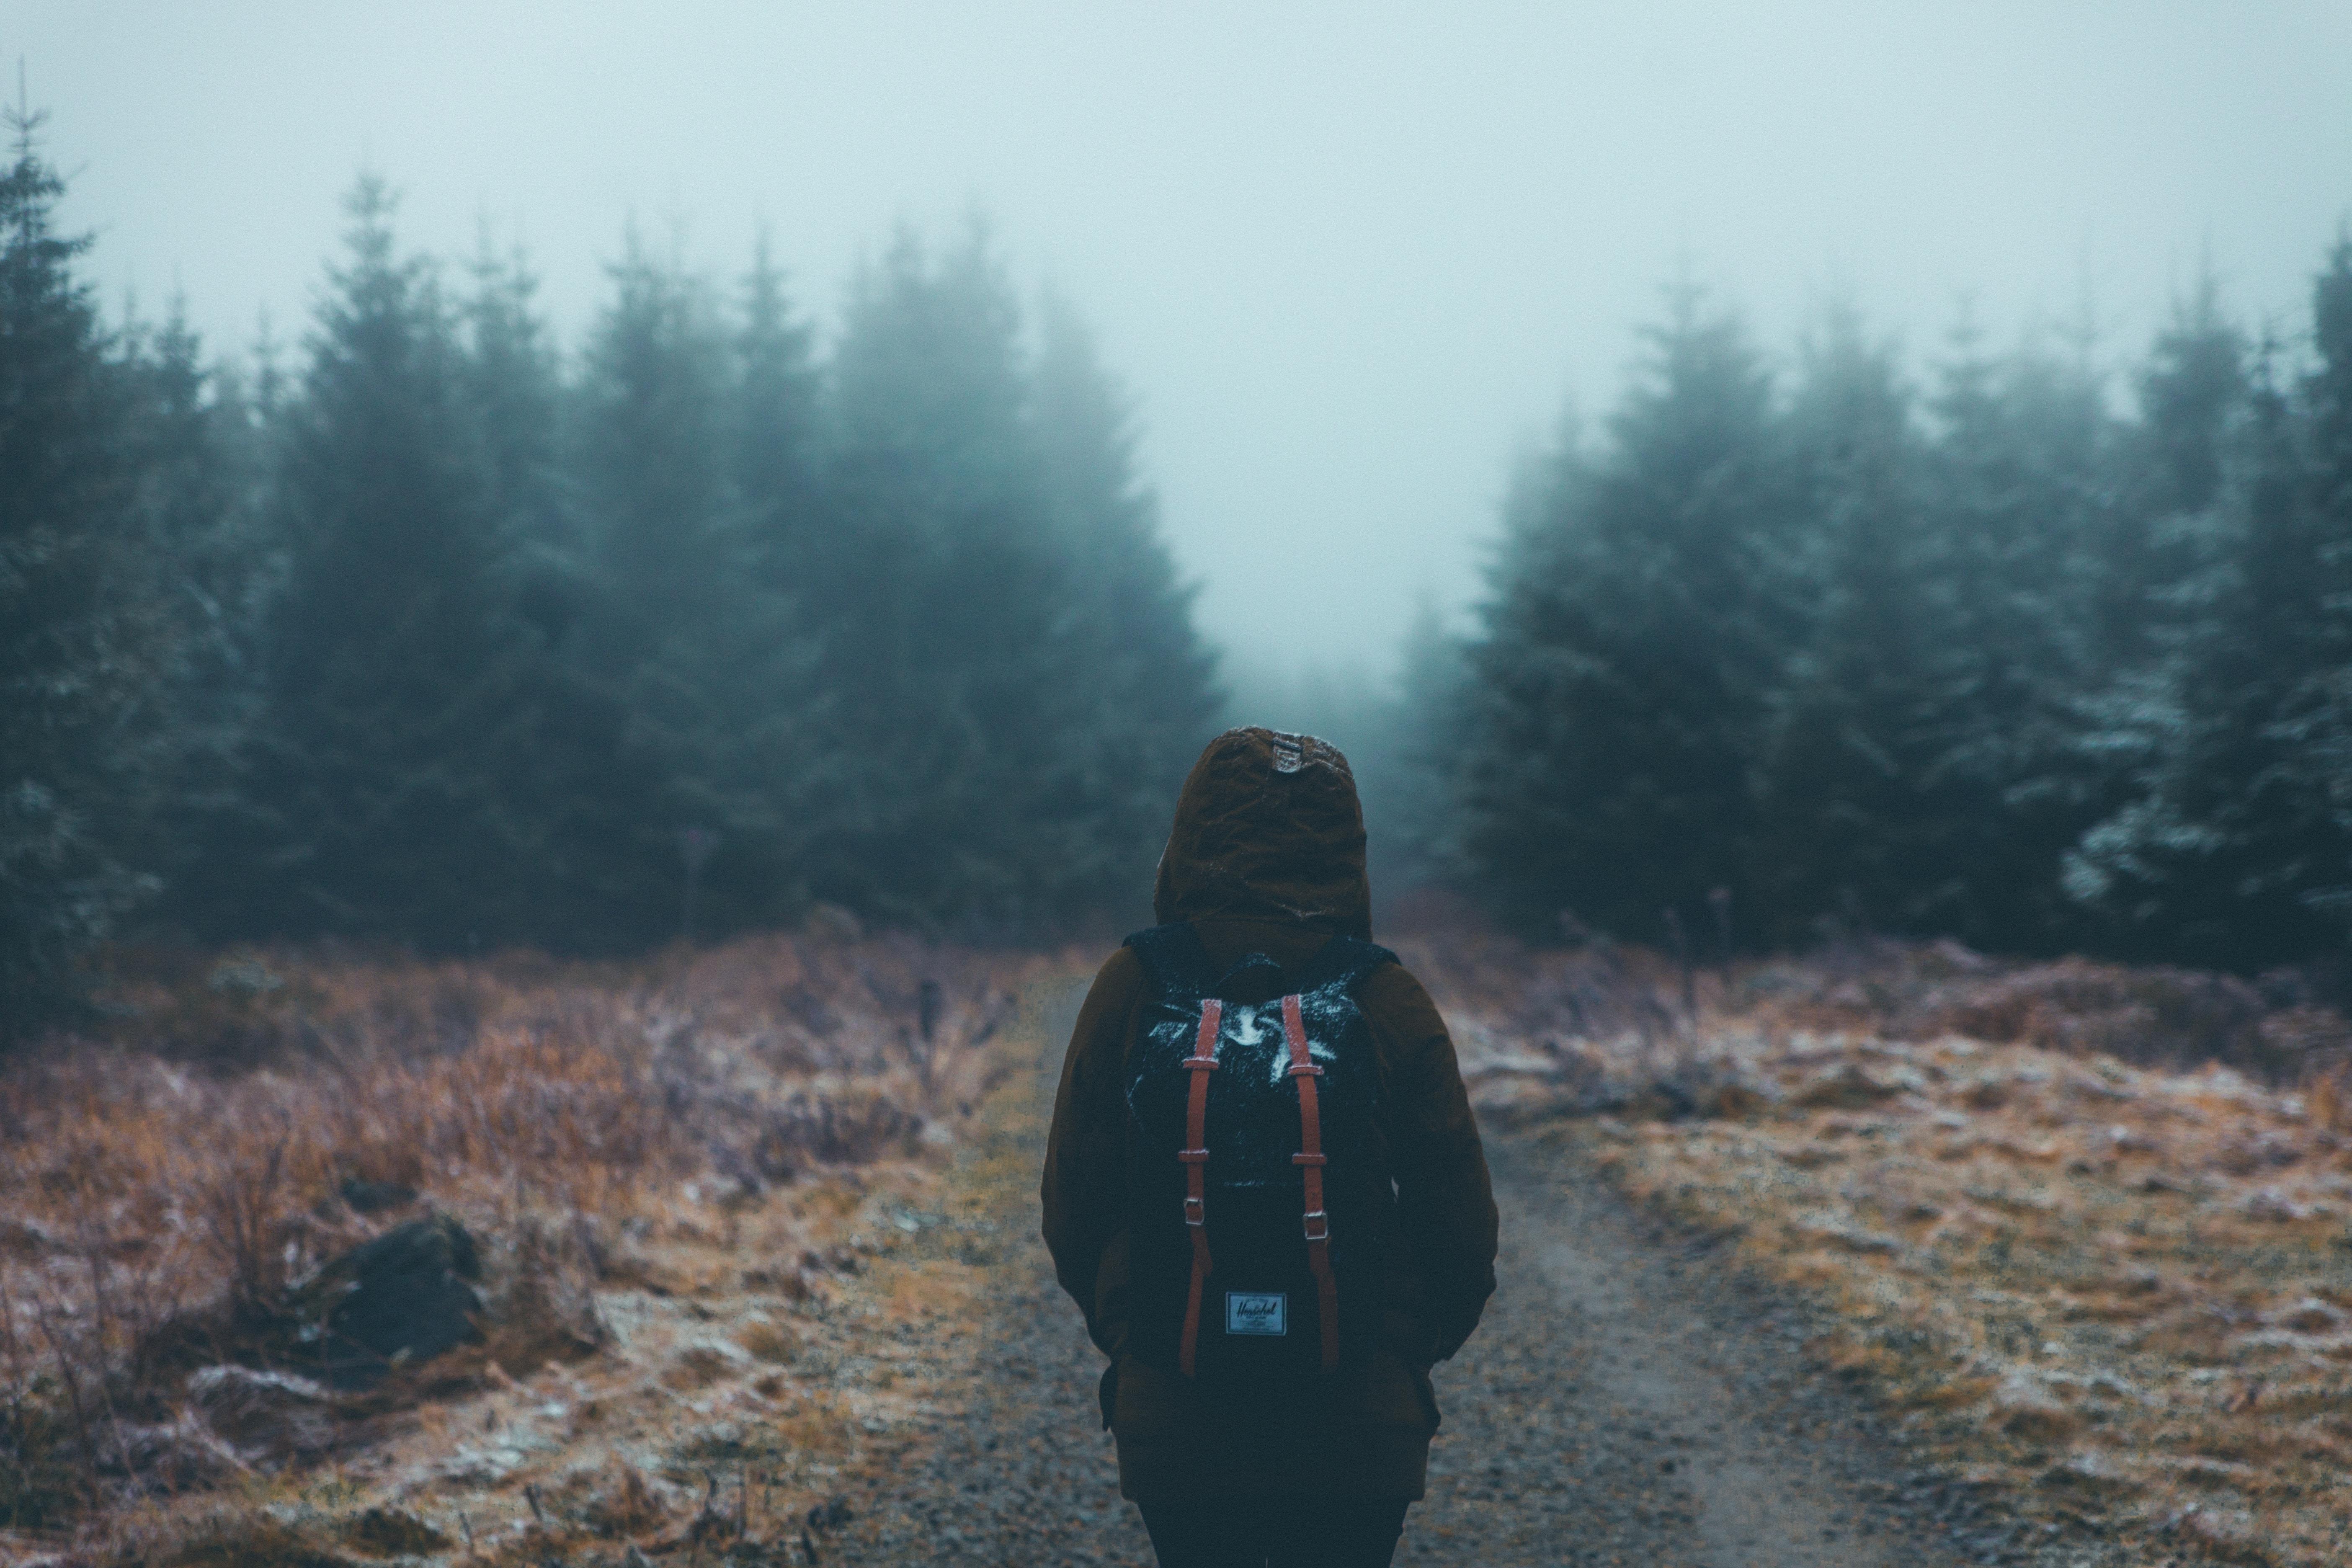 100526 Hintergrundbild 240x400 kostenlos auf deinem Handy, lade Bilder Verschiedenes, Sonstige, Wald, Nebel, Bummel, Spaziergang, Rucksack, Tourist, Touristischen 240x400 auf dein Handy herunter